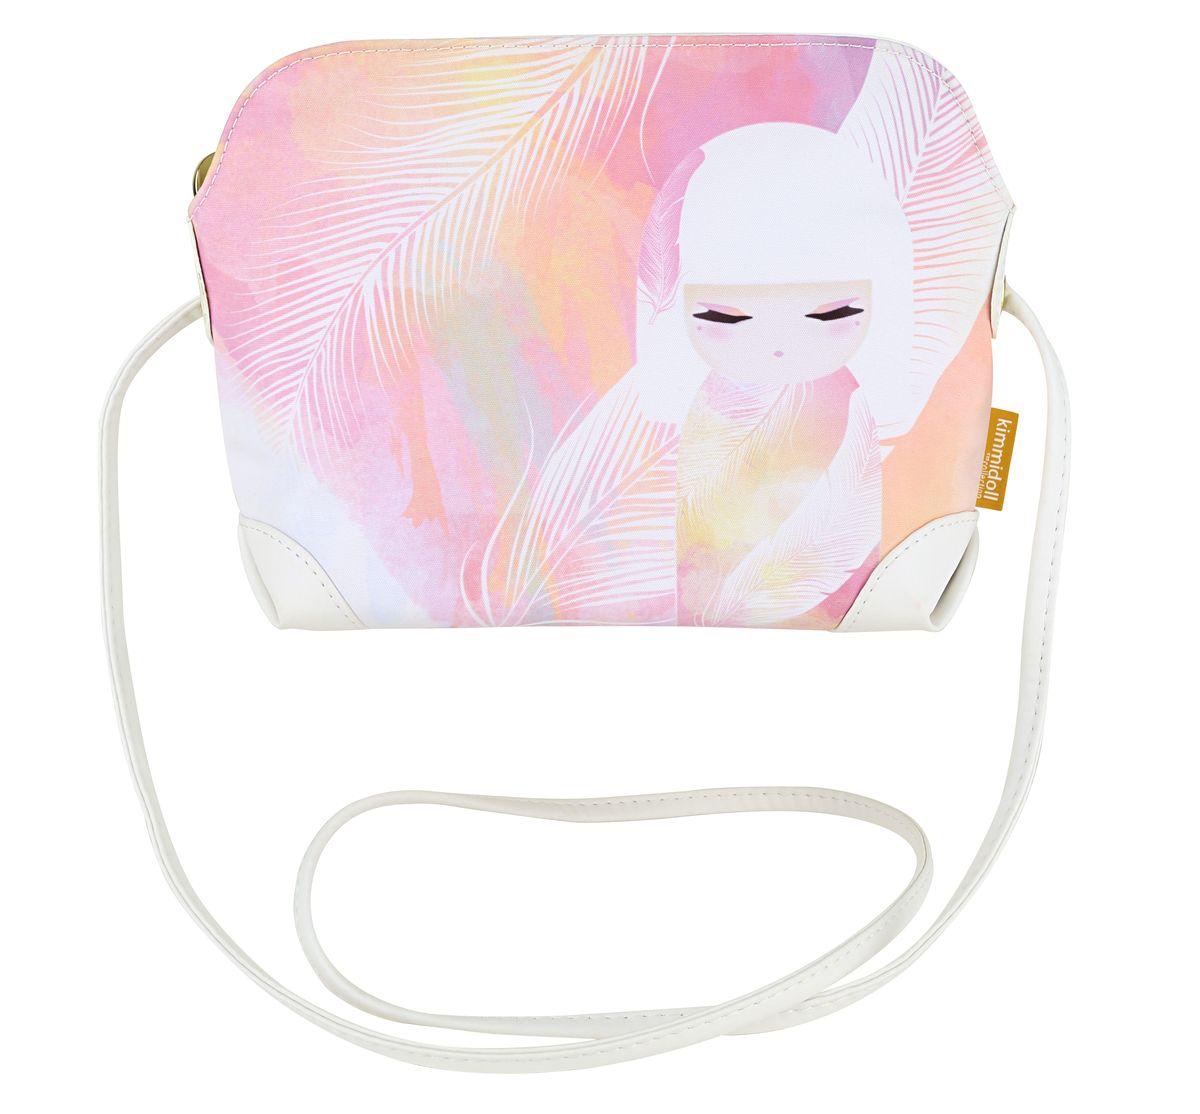 Сумочка Kimmidoll Мизуйо (Очарование). KF1000L39845800Очаровательная сумочка на плечо Kimmidoll Мизуйо (Очарование), выполненная из текстиля в традиционном японском стиле, придется по душе всем ценителям стильных вещиц. Лицевая сторона изделия оформлена изображением Мизуйо и перьев и содержит одно отделение, закрывающееся на застежку-молнию. Бегунок оформлен металлической пластиной с гравировкой Kimmidoll Collection. Сумка оснащена длинным ремешком, позволяющим ее носить как на плече, так и через плечо.Стильная сумочка пригодится вам и в путешествии, и на пикнике, и в повседневном использовании.Привет, меня зовут Мизуйо! Я талисман очарования. Мой дух воодушевляет и радует. Ваша милая и обворожительная натура всегда согревает сердца и поднимает настроение, даря счастье и любовь вашим близким. Позвольте всем, кто знает вас, дорожить вашими редкими и прекрасными талантами.